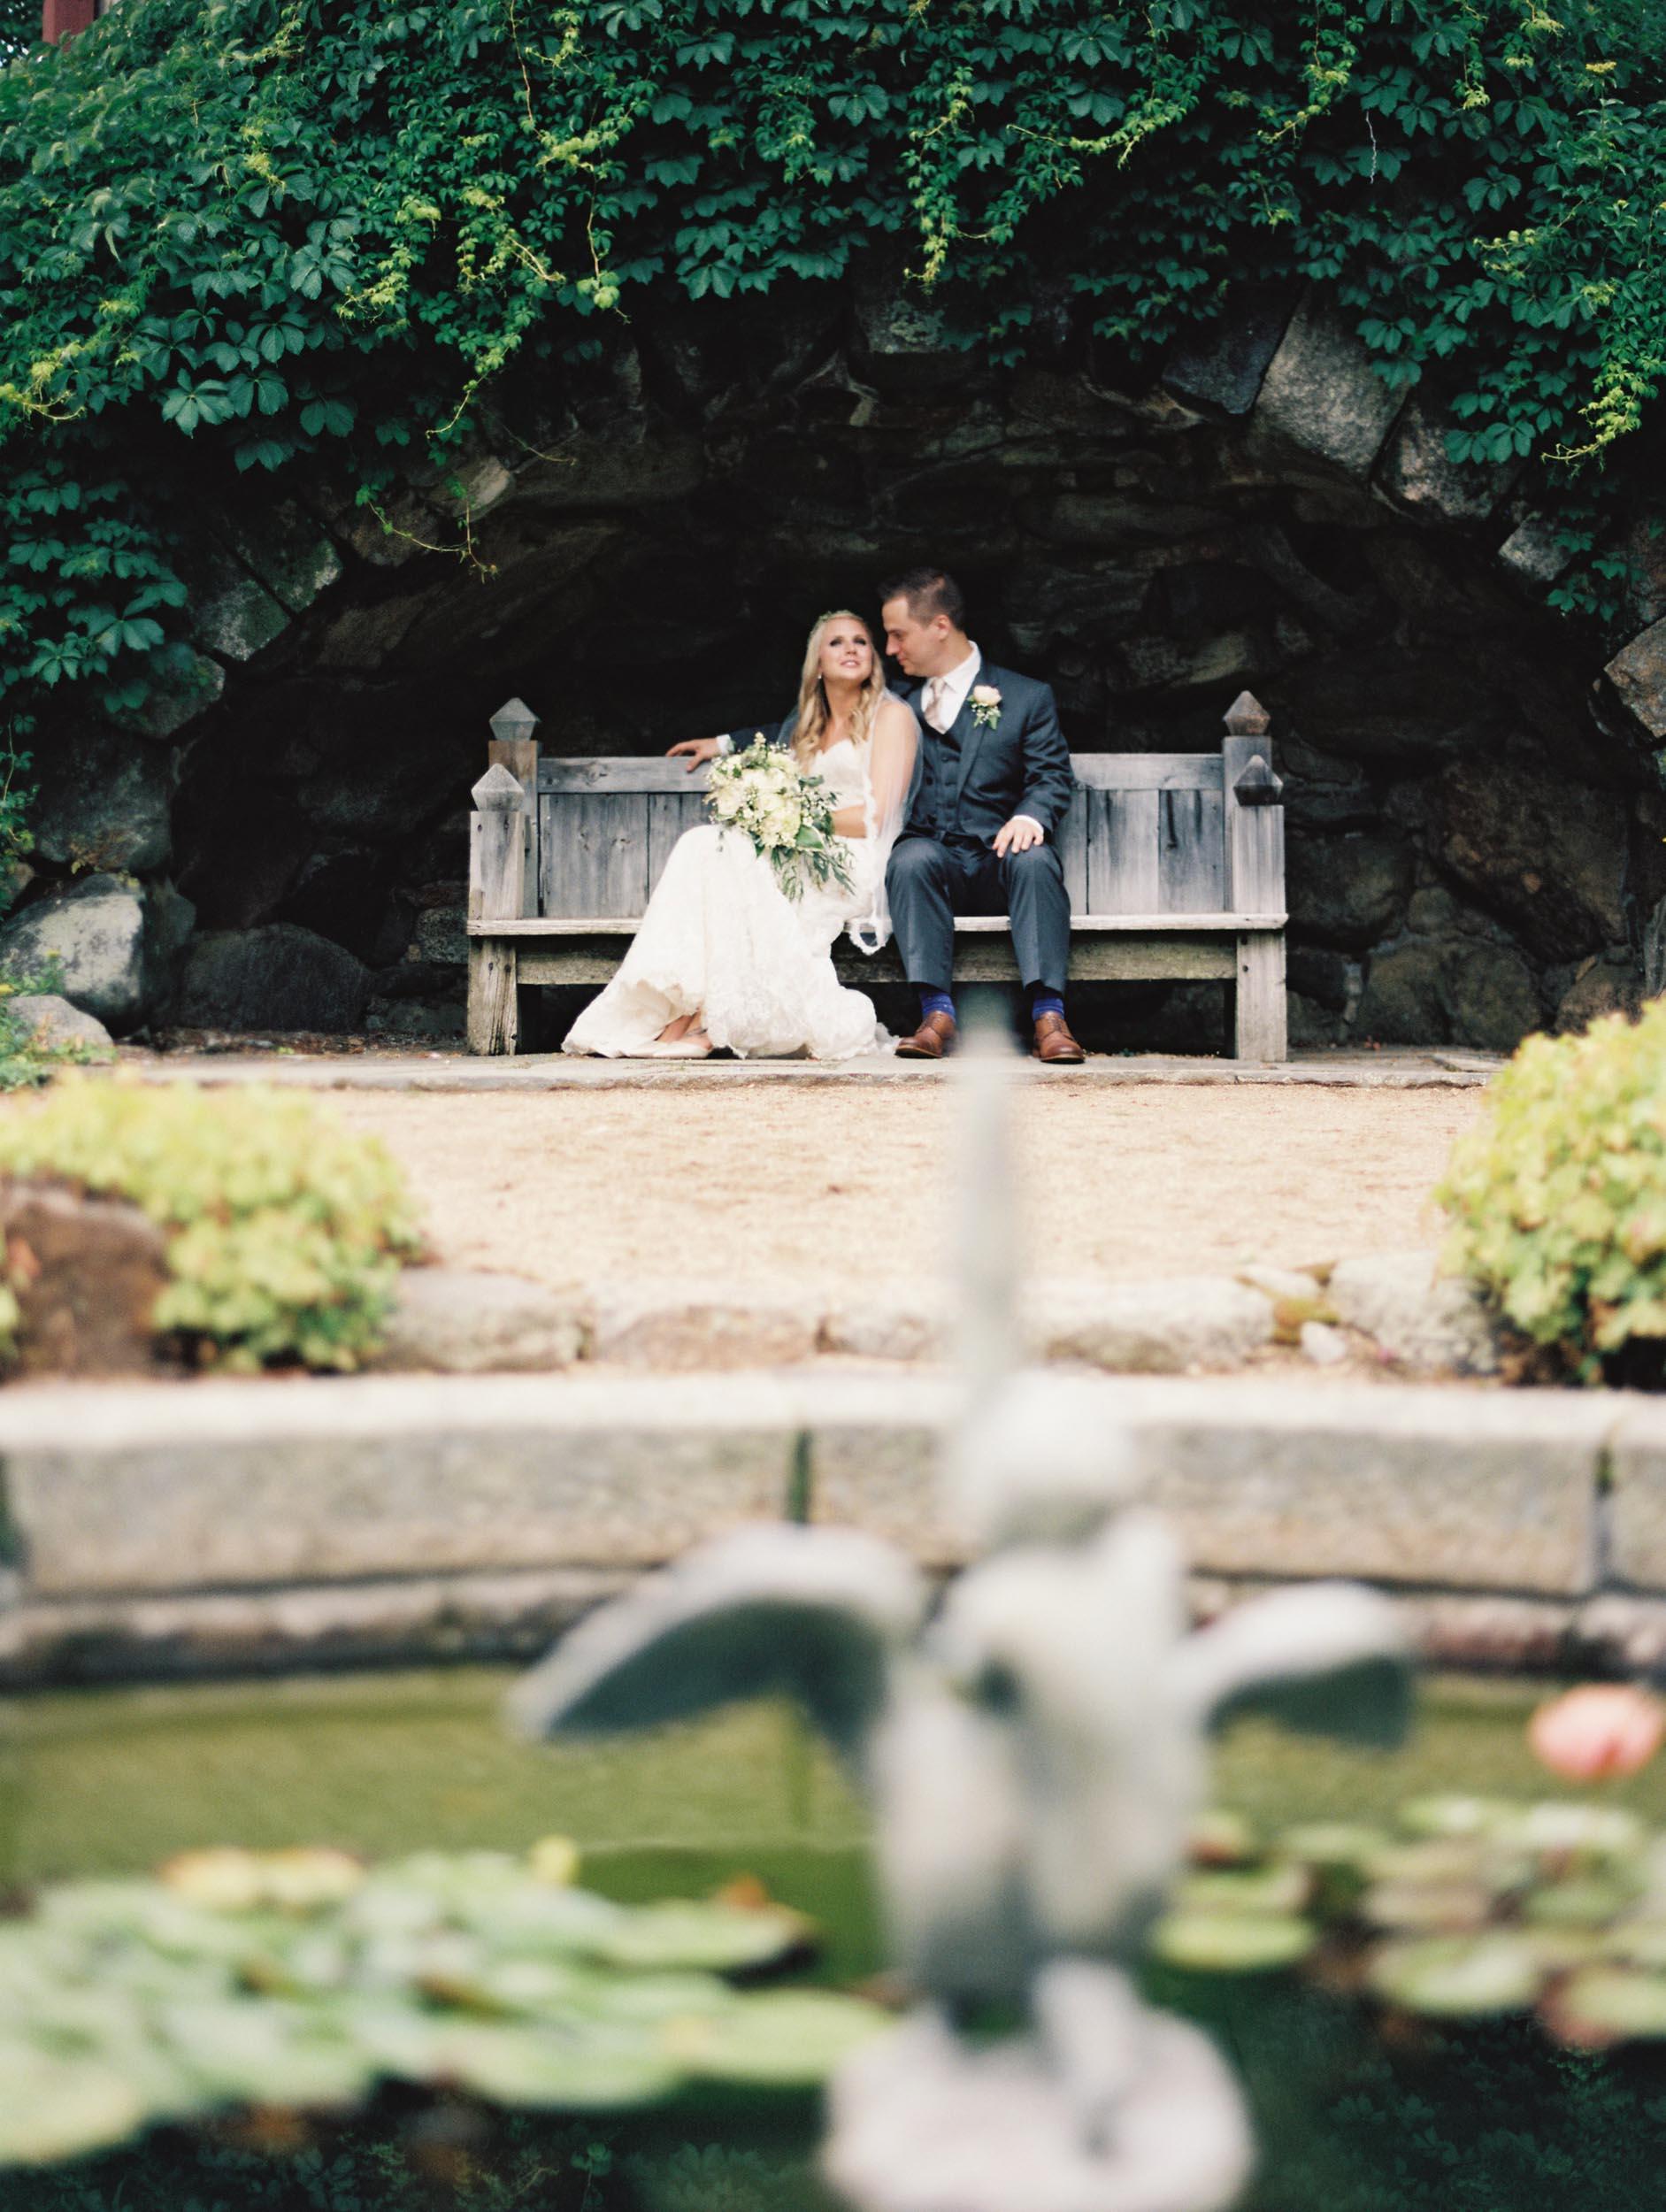 Morraine-Farm-Wedding-15.jpg